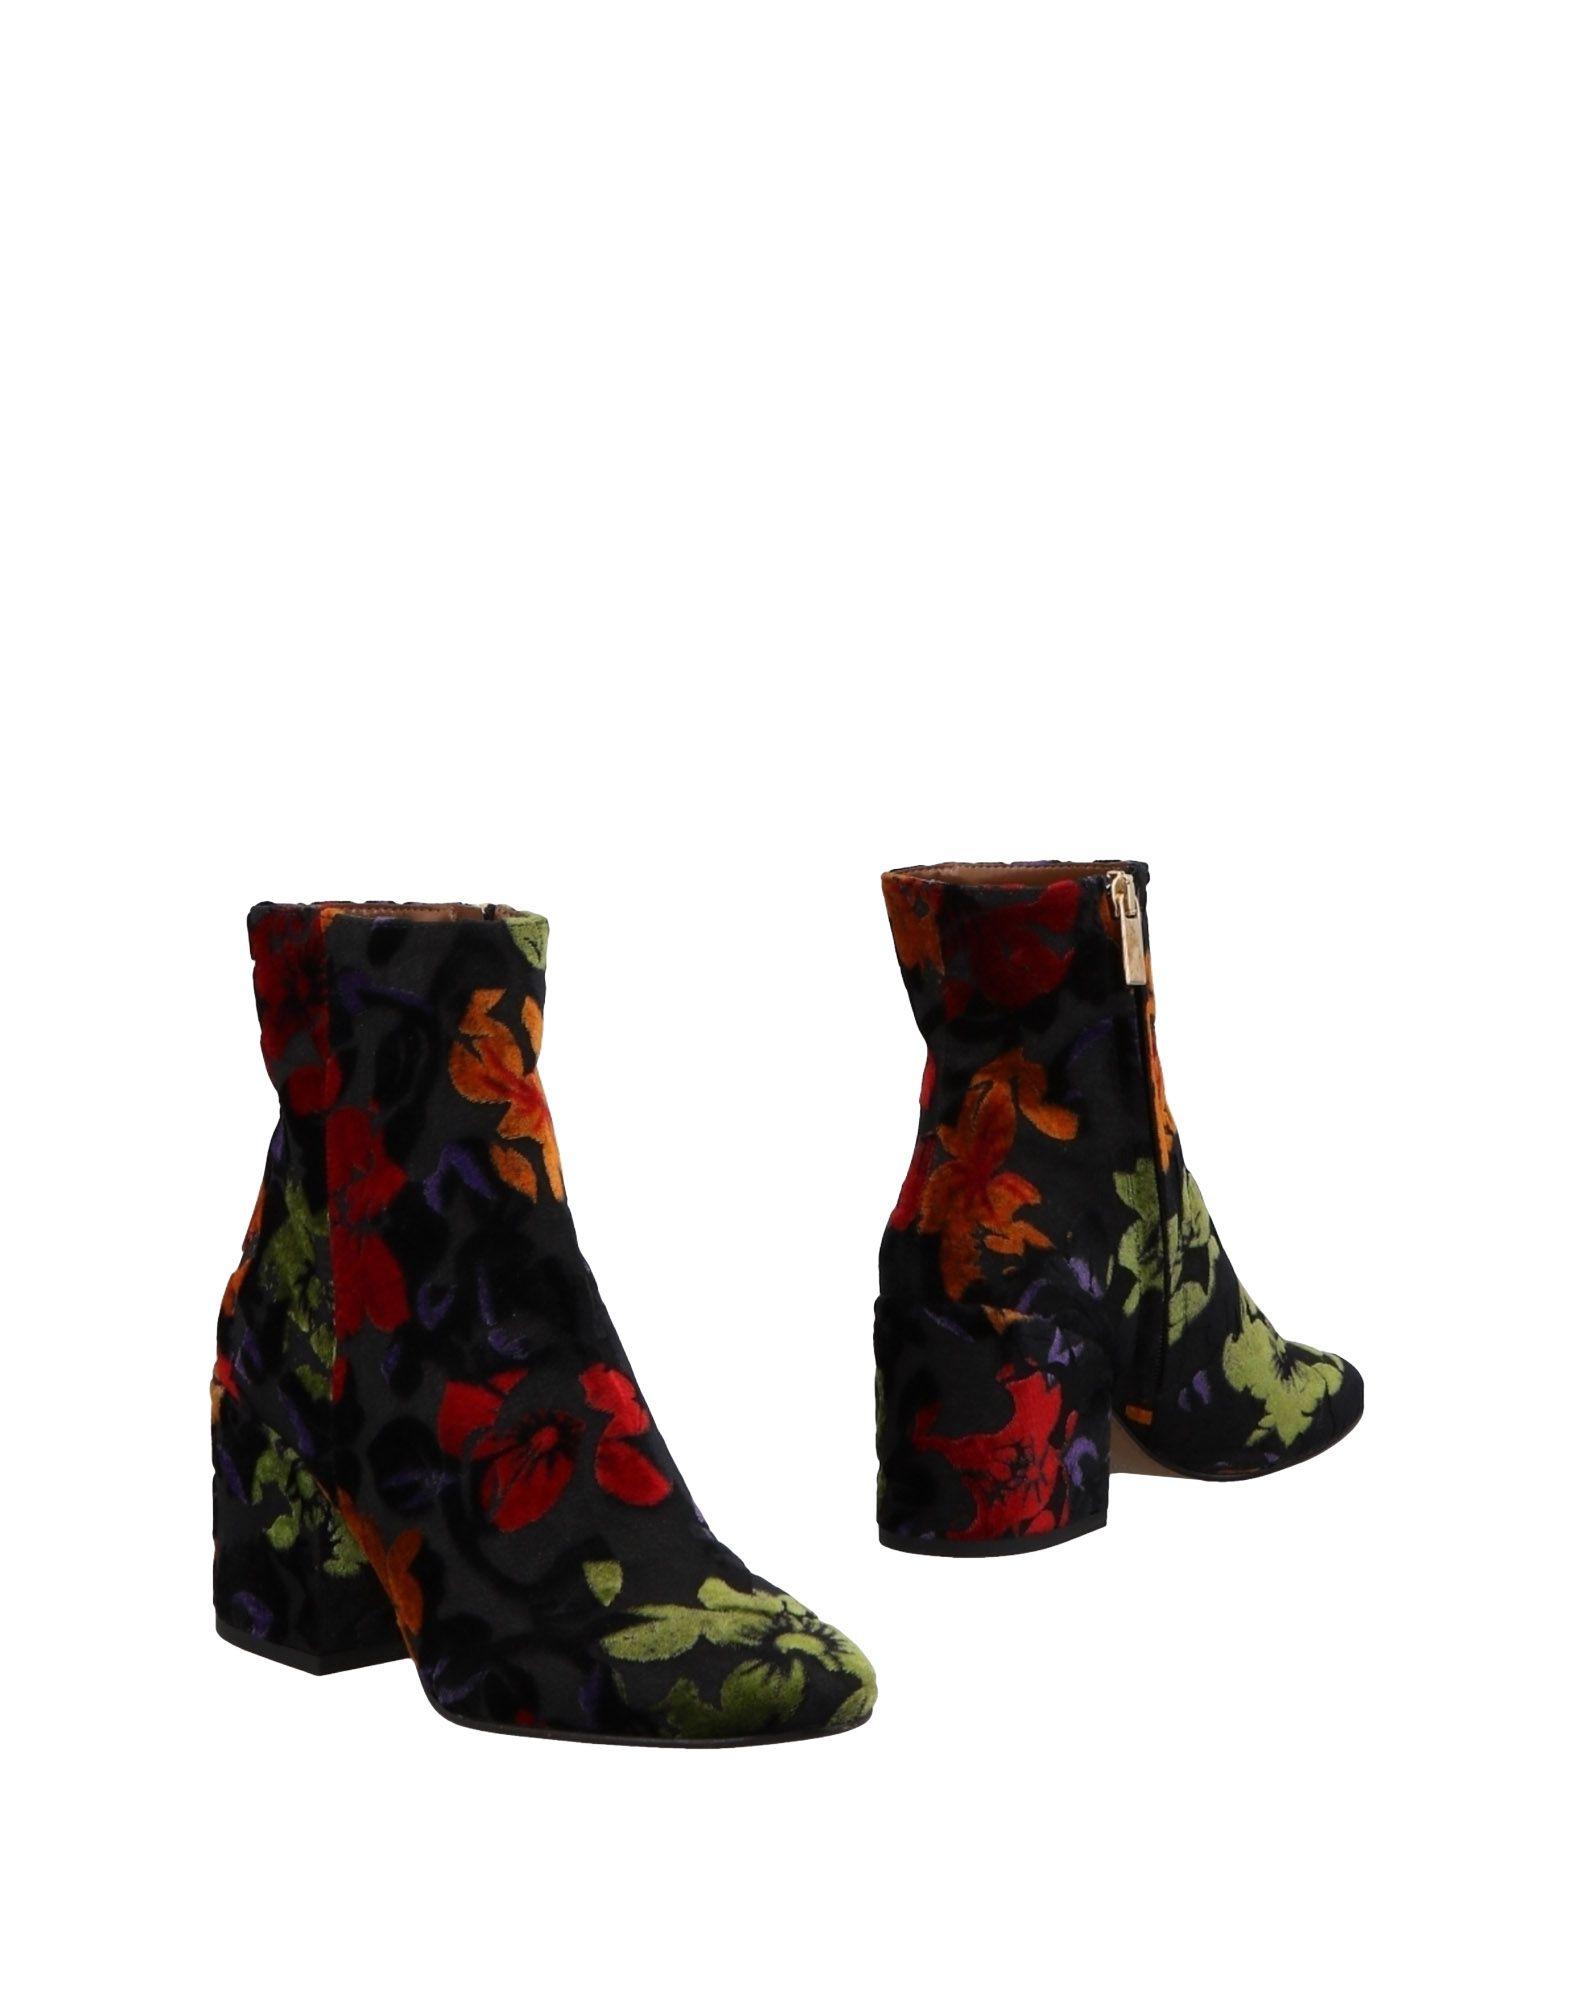 Bianca Di Stiefelette Damen  11494516FO Gute Qualität beliebte Schuhe